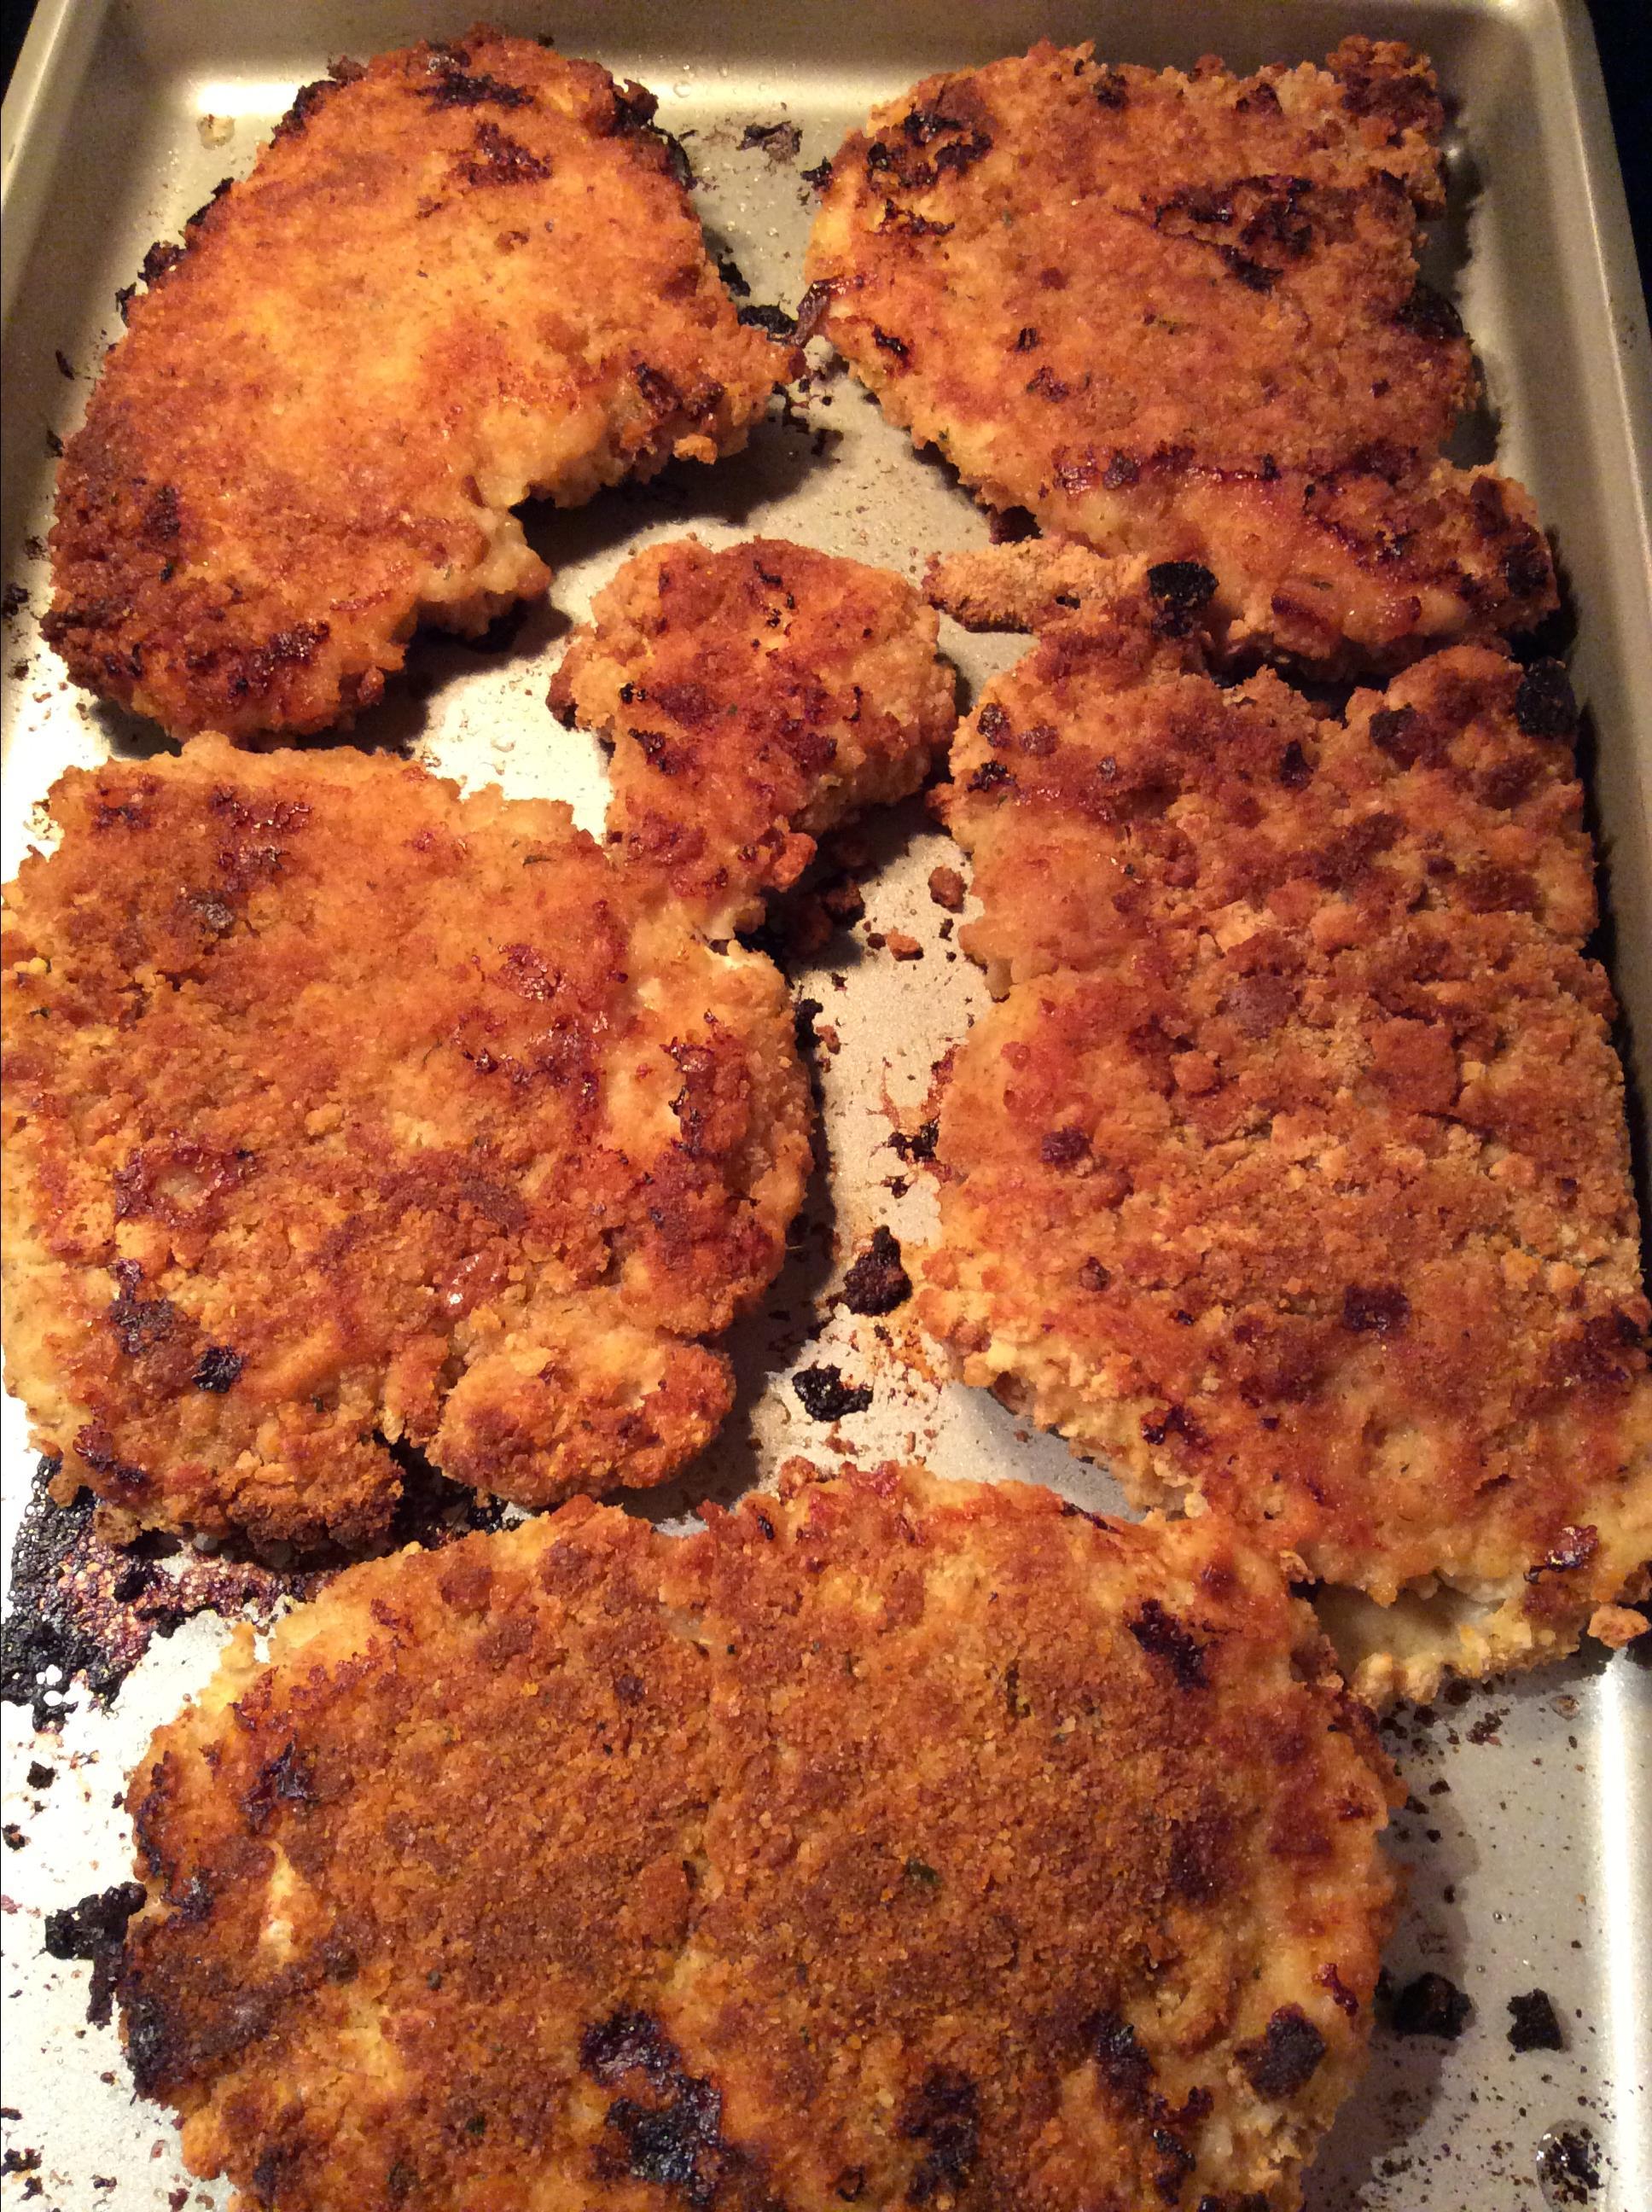 Crispy Juicy Oven-Fried Chicken Breasts SMAVTOP